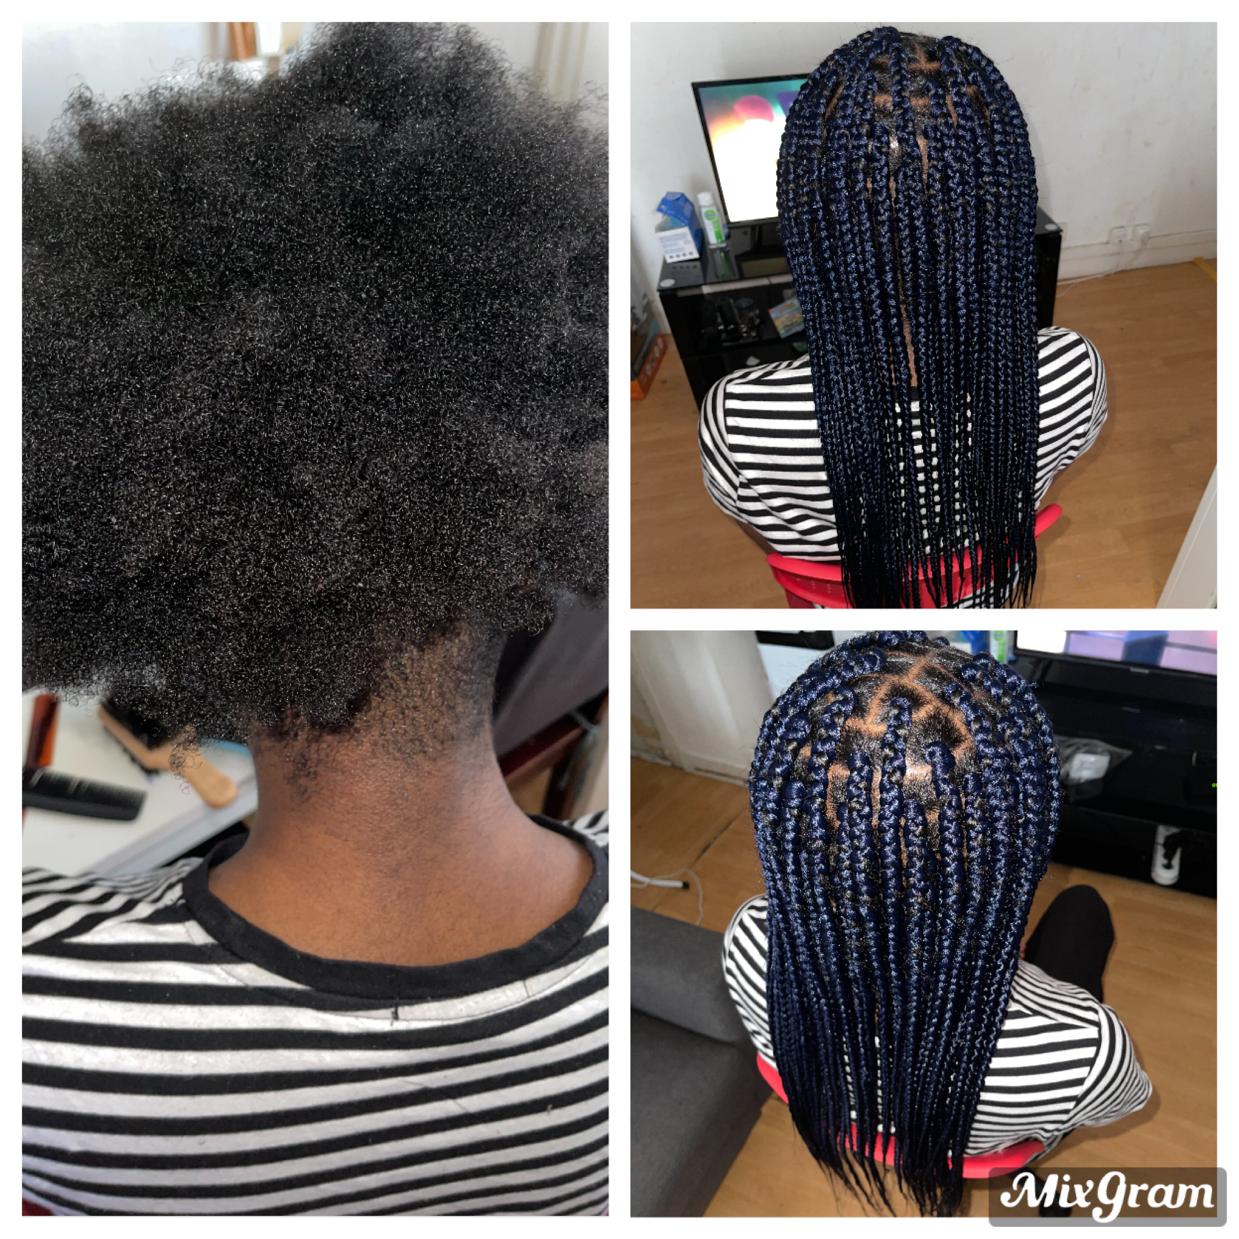 salon de coiffure afro tresse tresses box braids crochet braids vanilles tissages paris 75 77 78 91 92 93 94 95 VNOLNYWZ